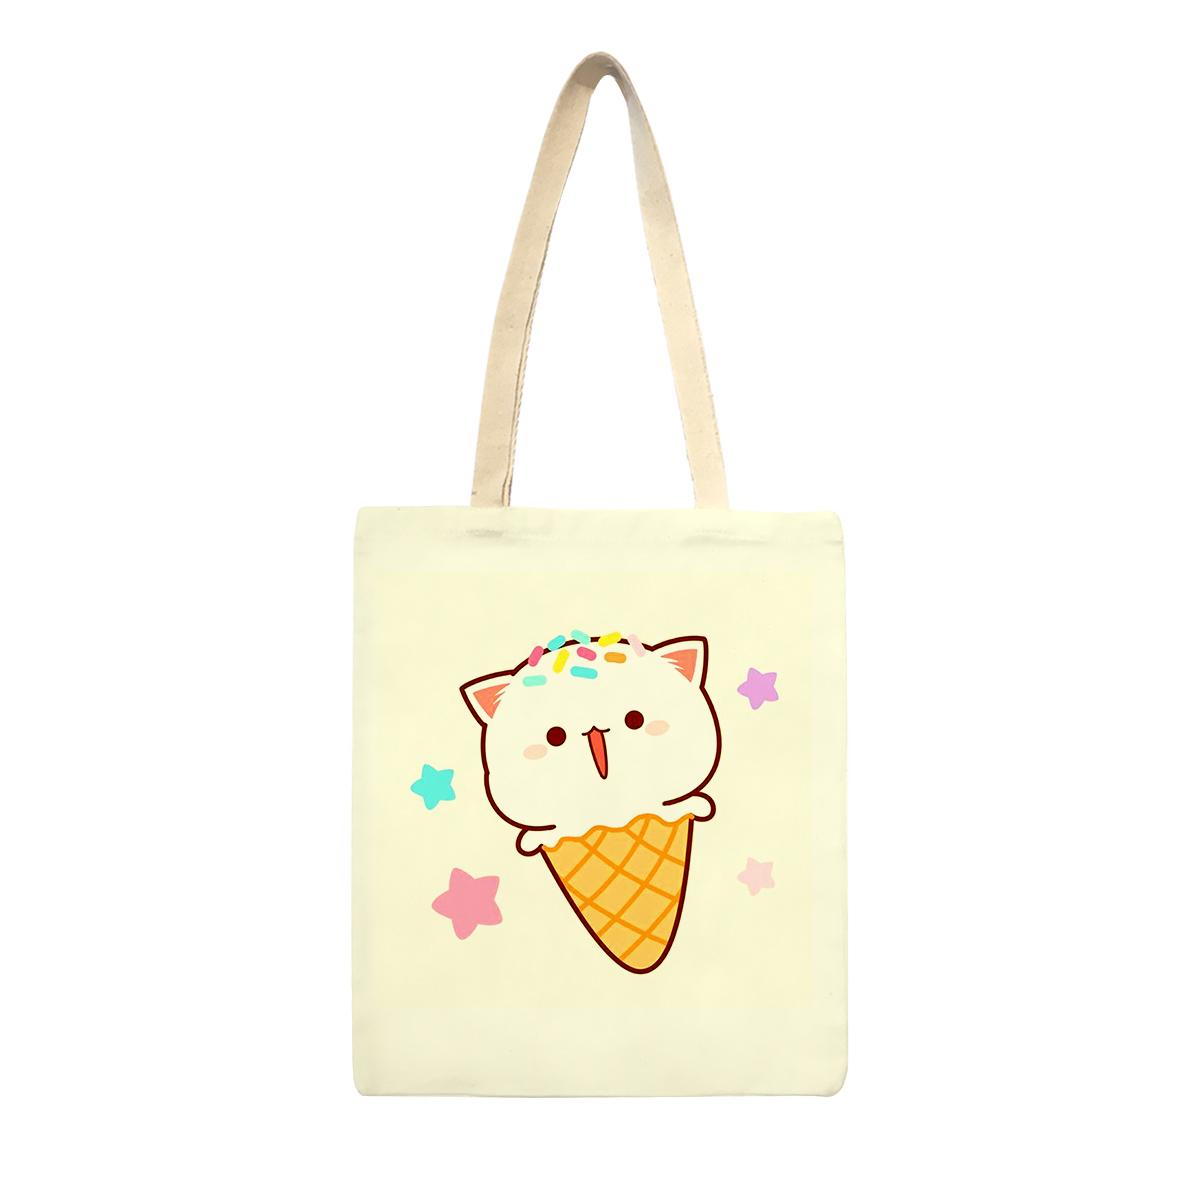 ساک خرید طرح بستنی و گربه کد sk45